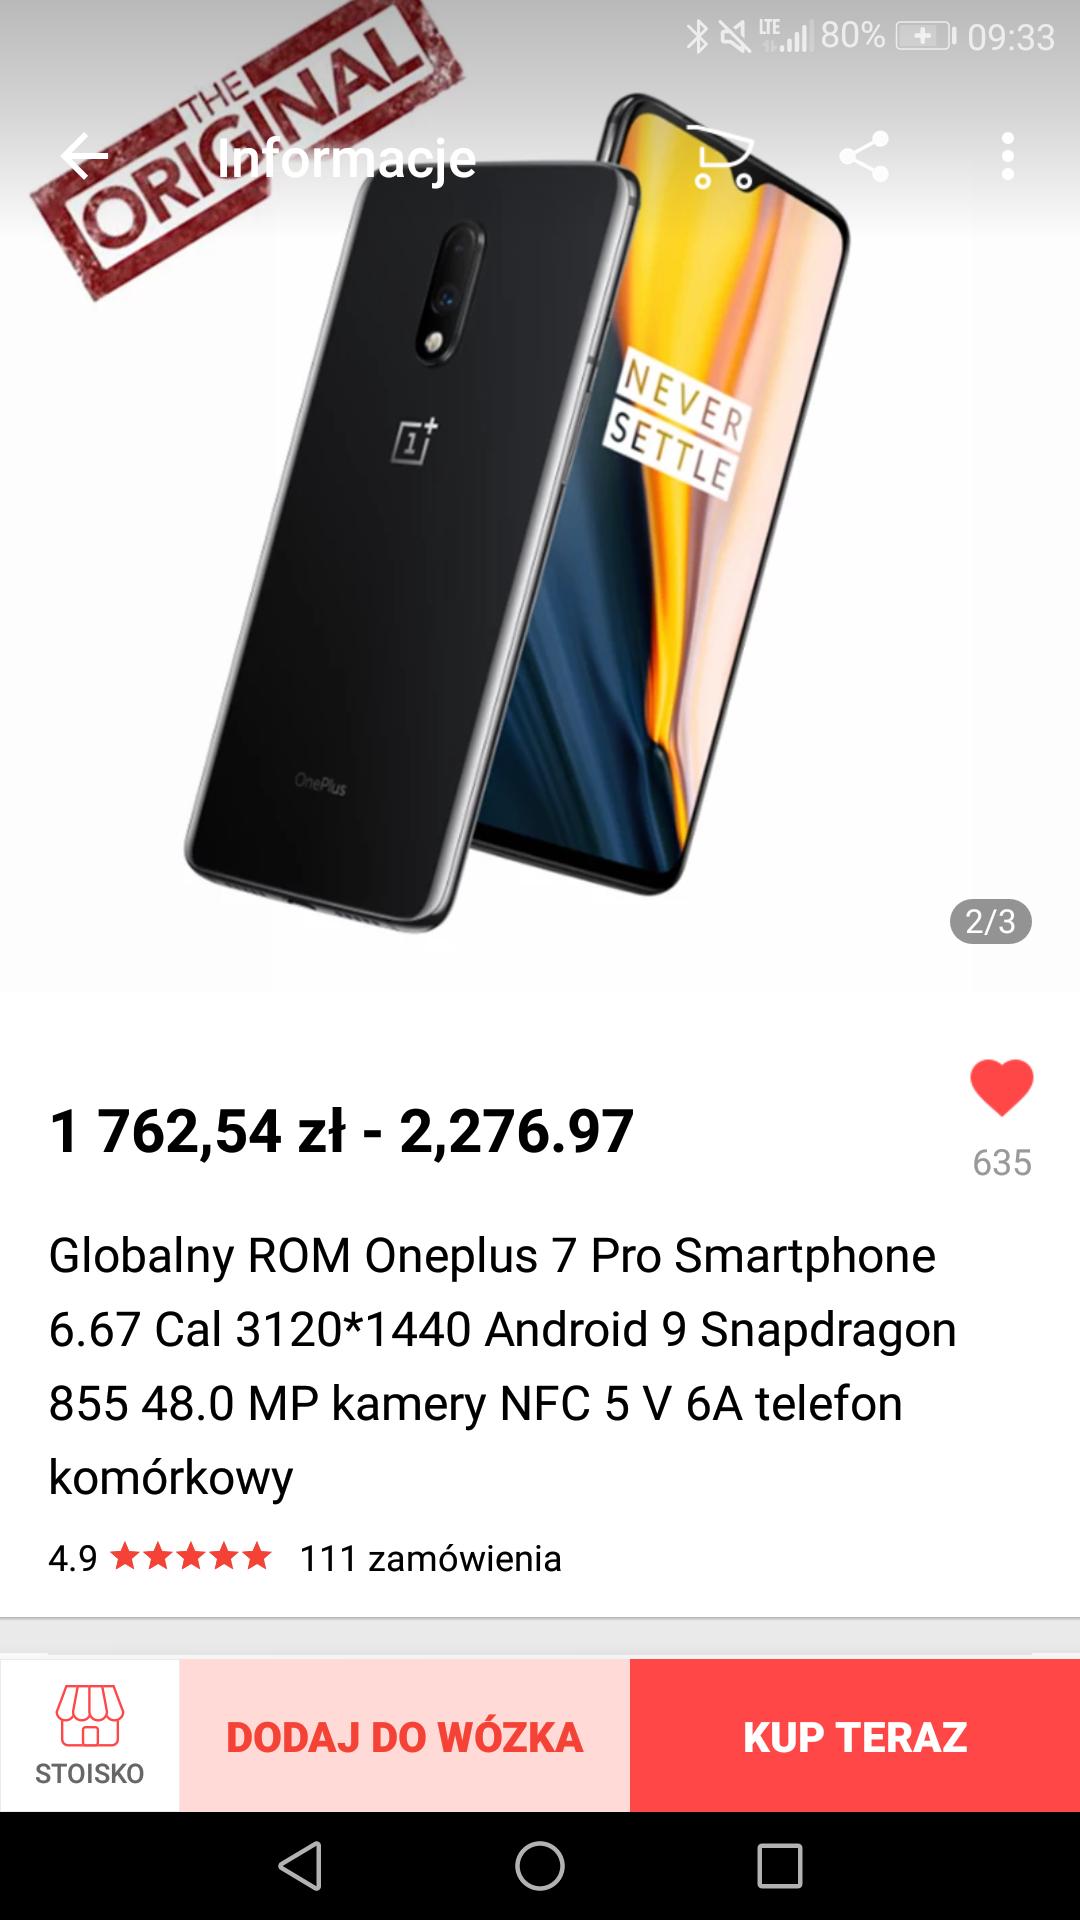 OnePlus 7 8/128 Grey z AliExpress z darmową dostawą